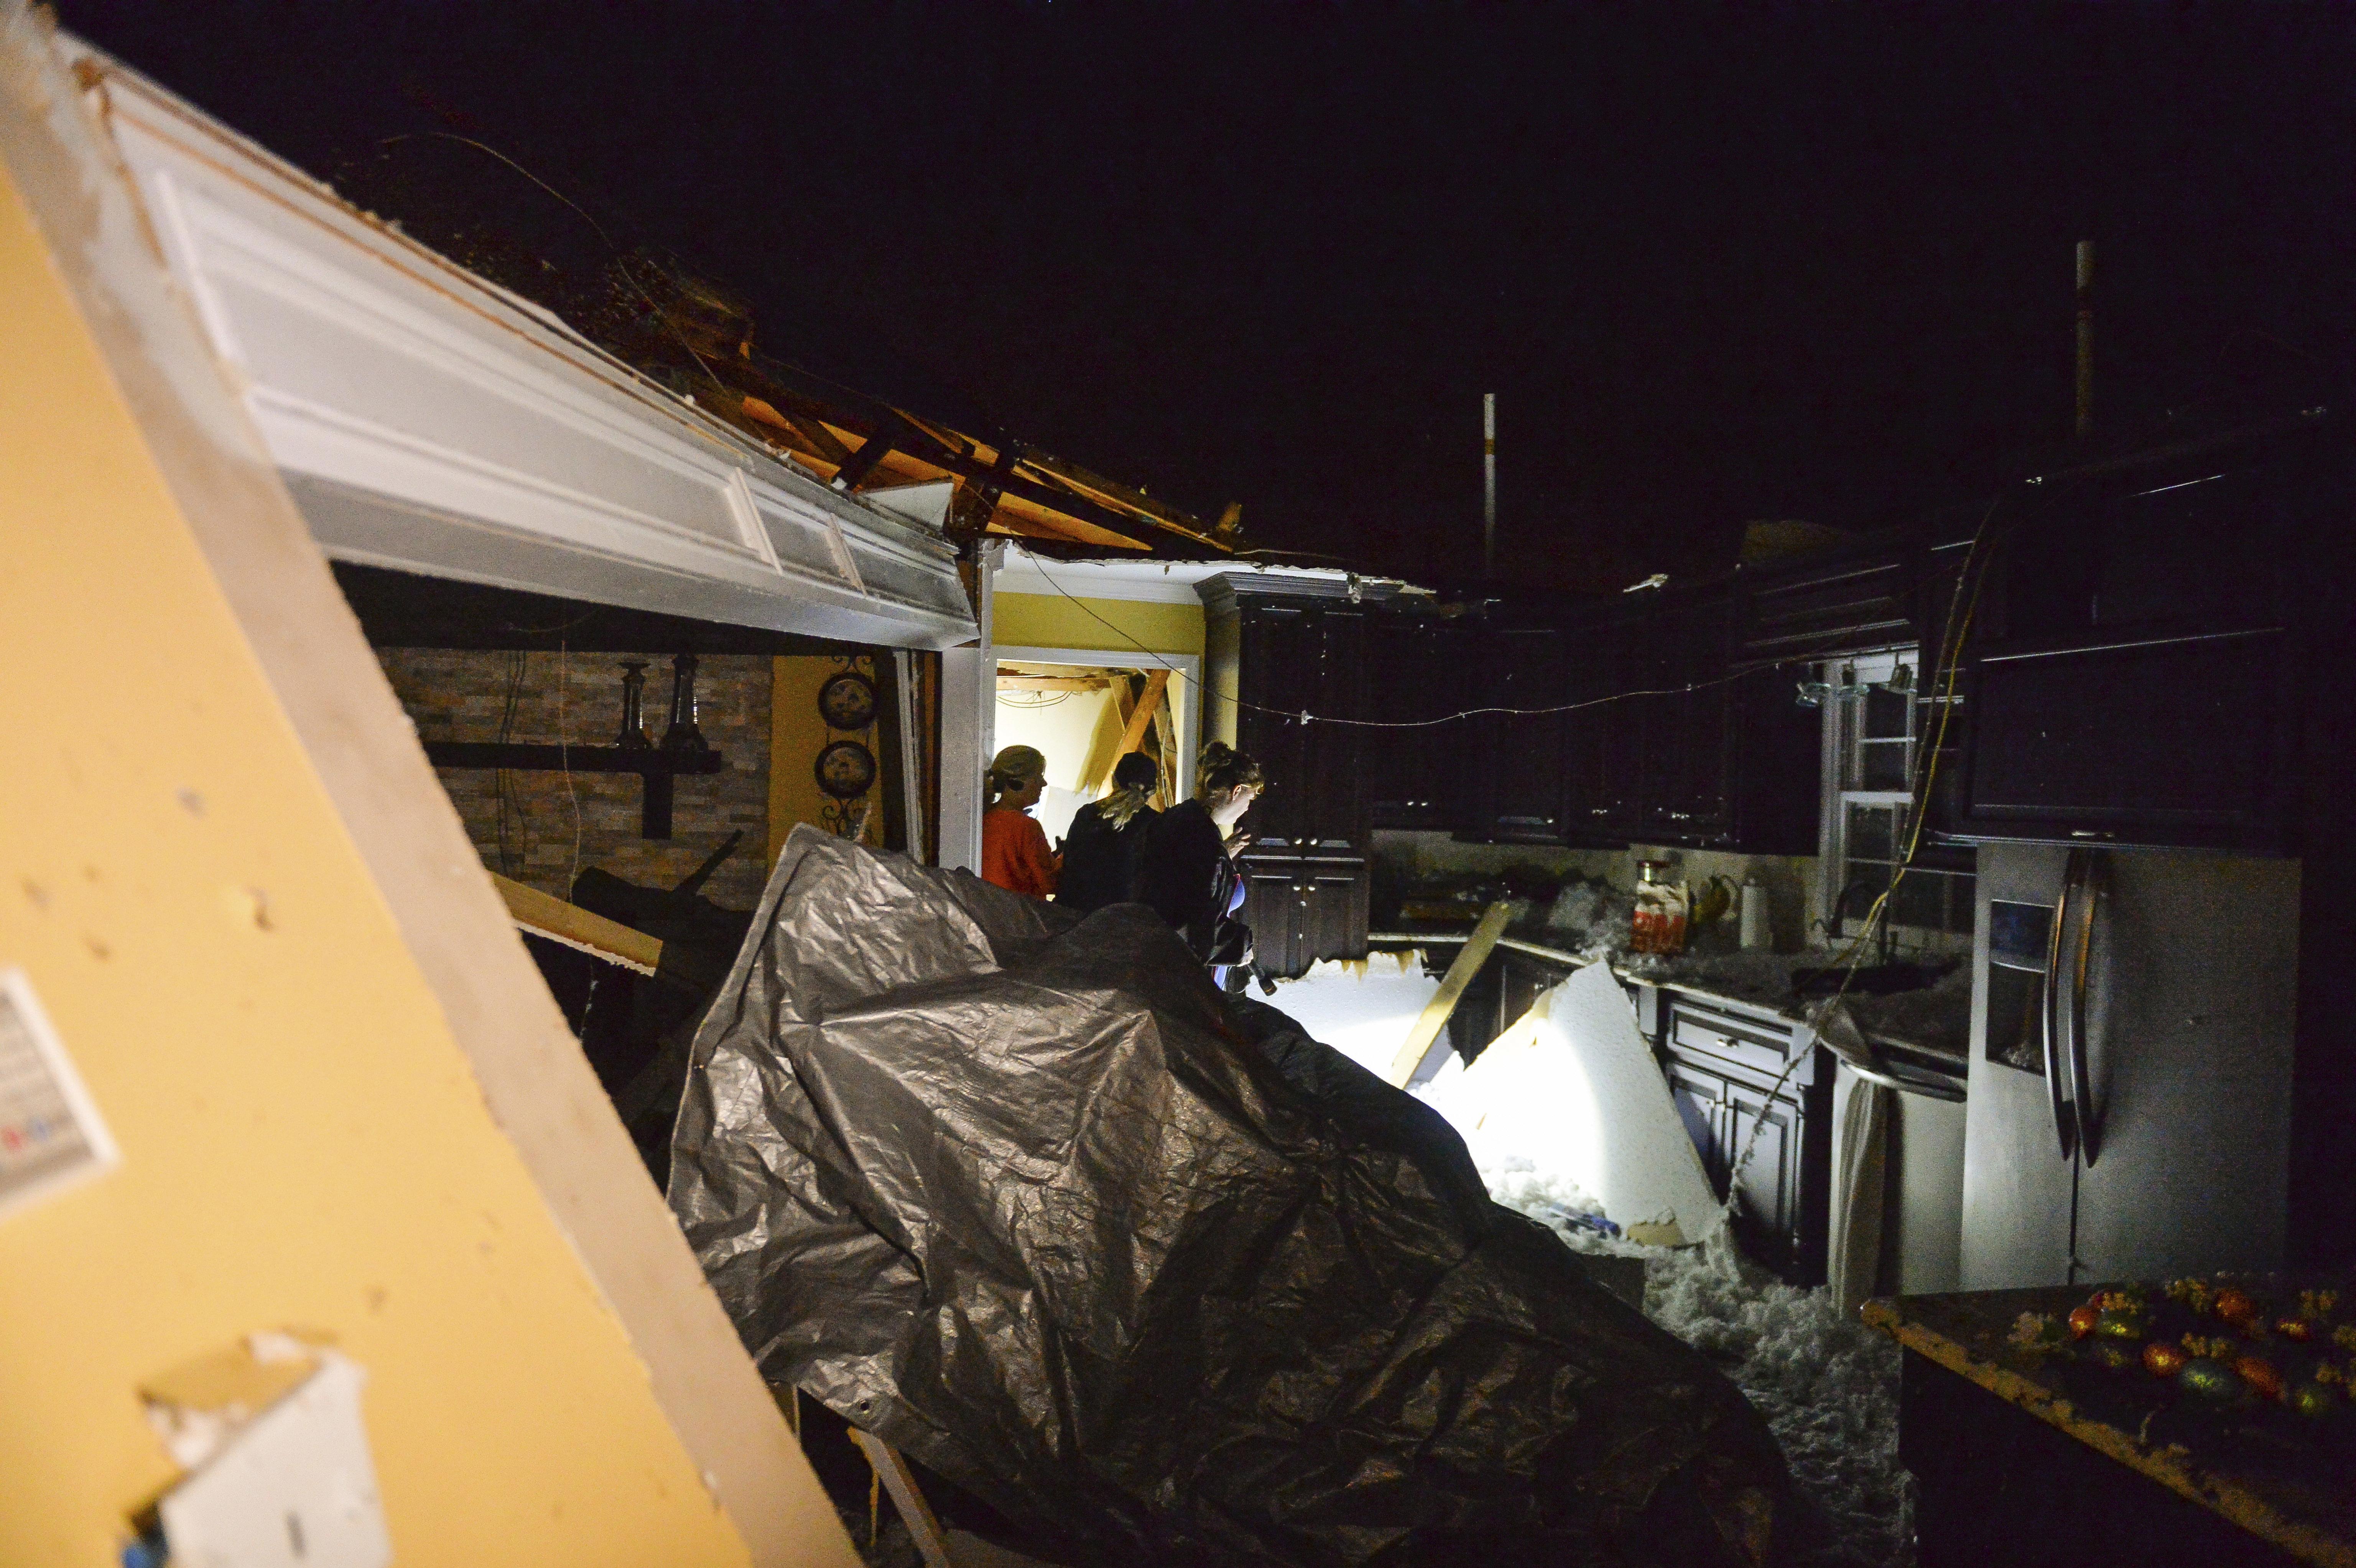 Una familia inspecciona los daños provocados por un tornado en Ardmore, Alabama (Crystal Vander Weit/The Decatur Daily via AP)